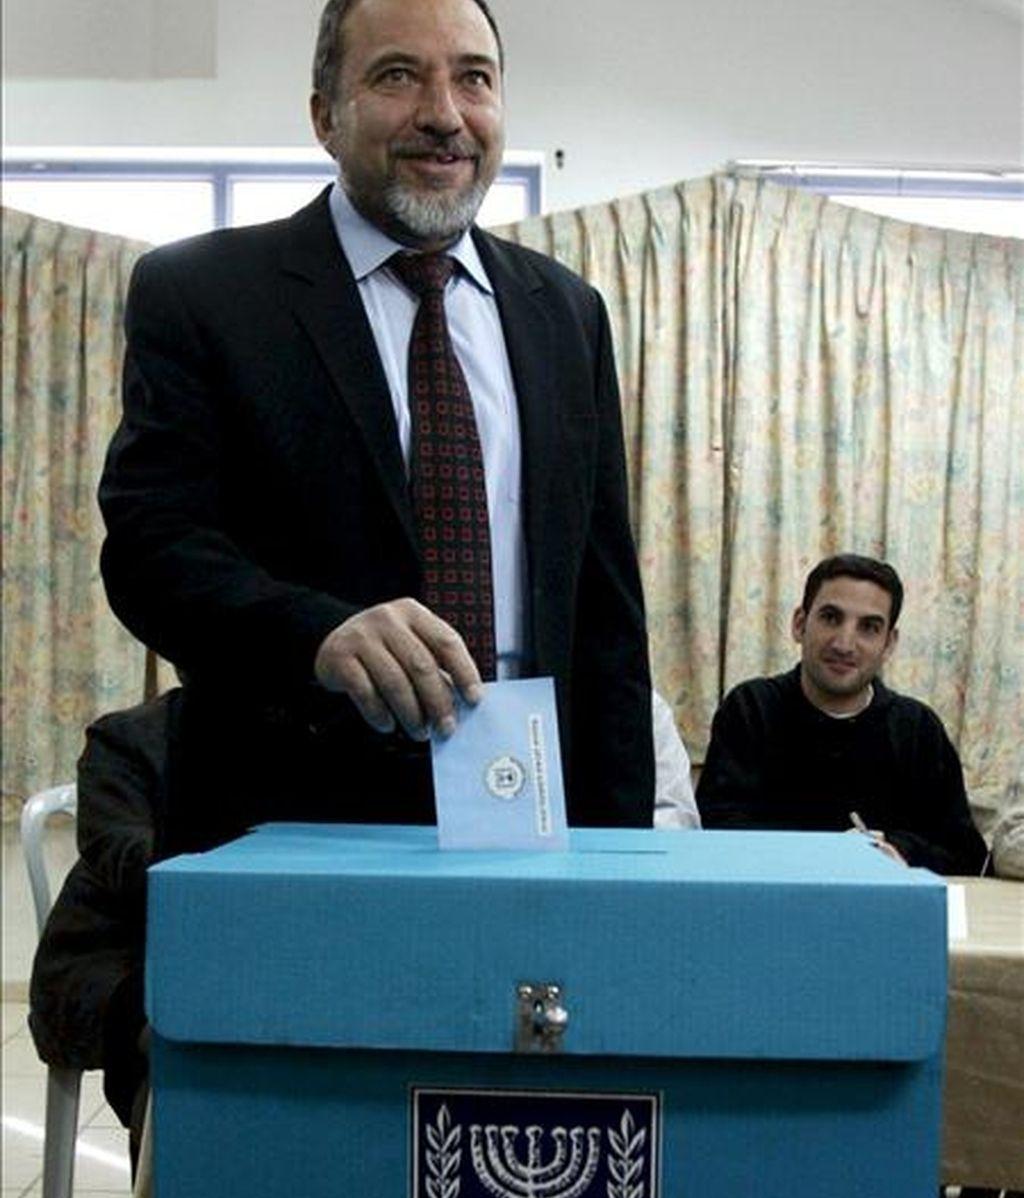 El líder del partido de extrema derecha Yisrael Beiteinu (Israel Nuestro Hogar), Avigdor Lieberman, deposita su voto en un colegio electoral en el asentamiento judío cisjordano de Nokim. EFE